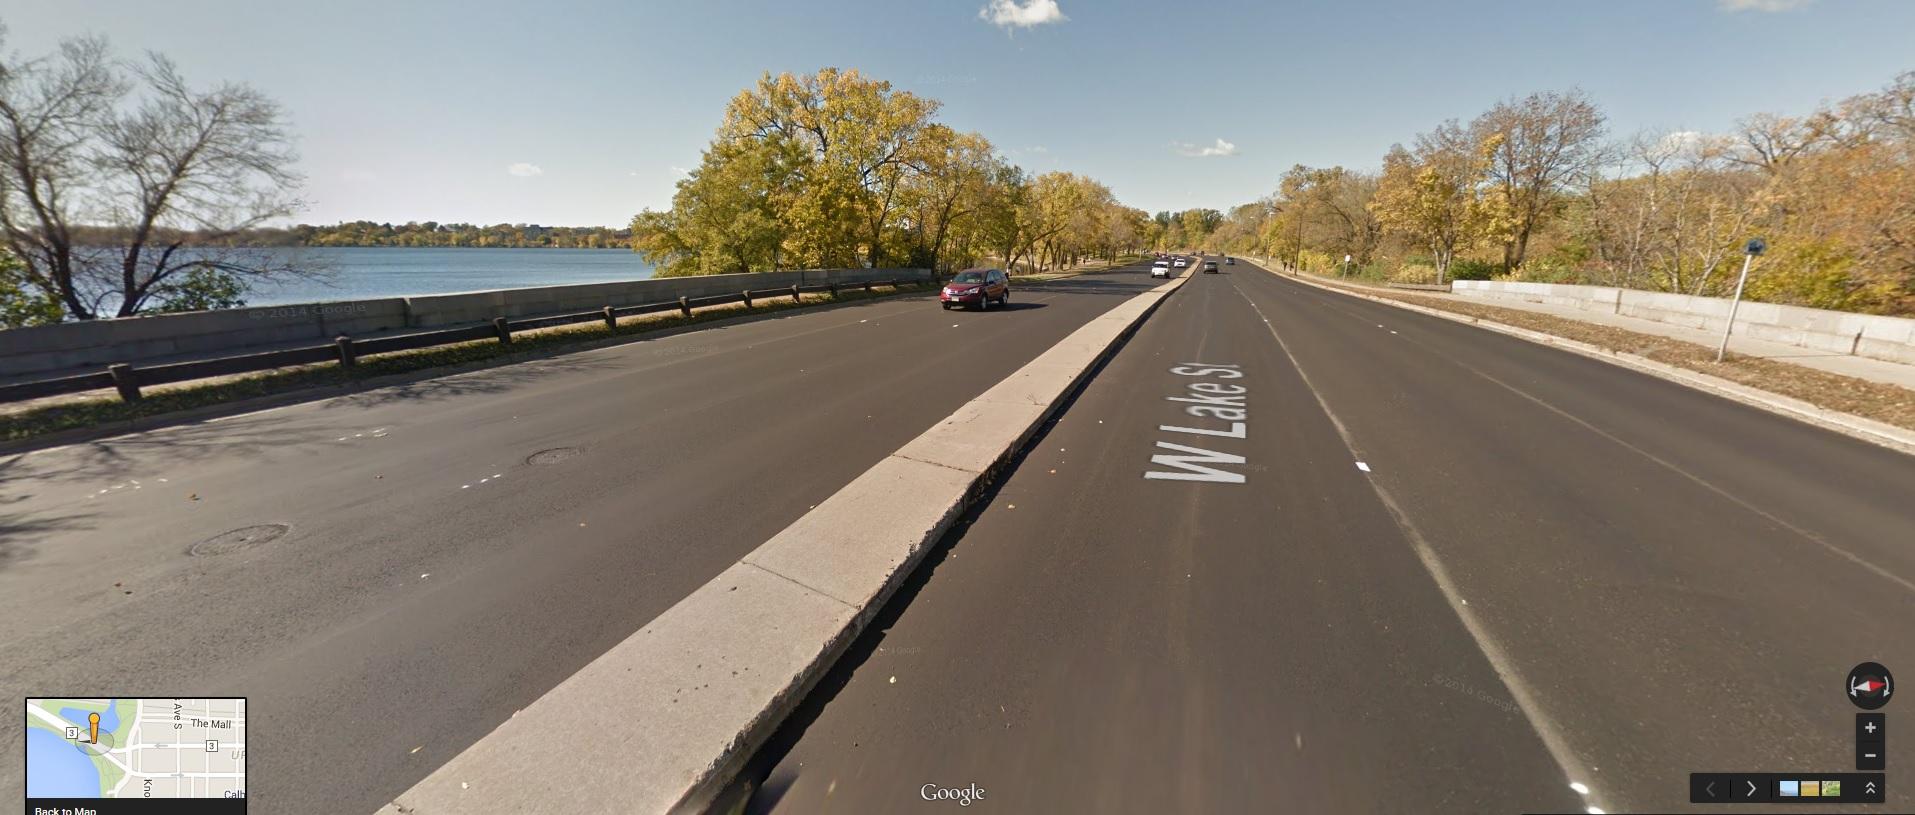 Lake_Street_at_Calhoun.jpg